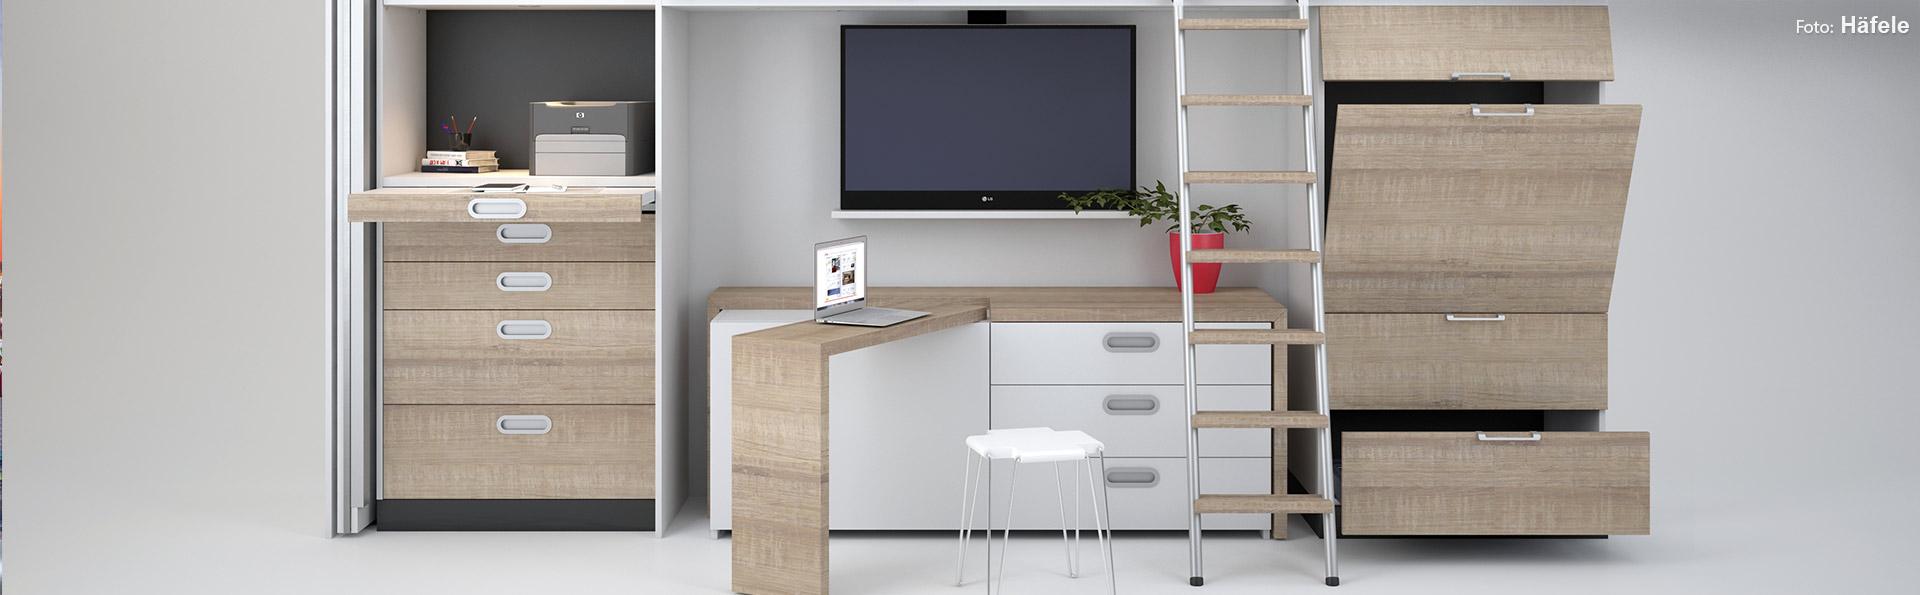 platzsparende staurauml sungen nach ma. Black Bedroom Furniture Sets. Home Design Ideas